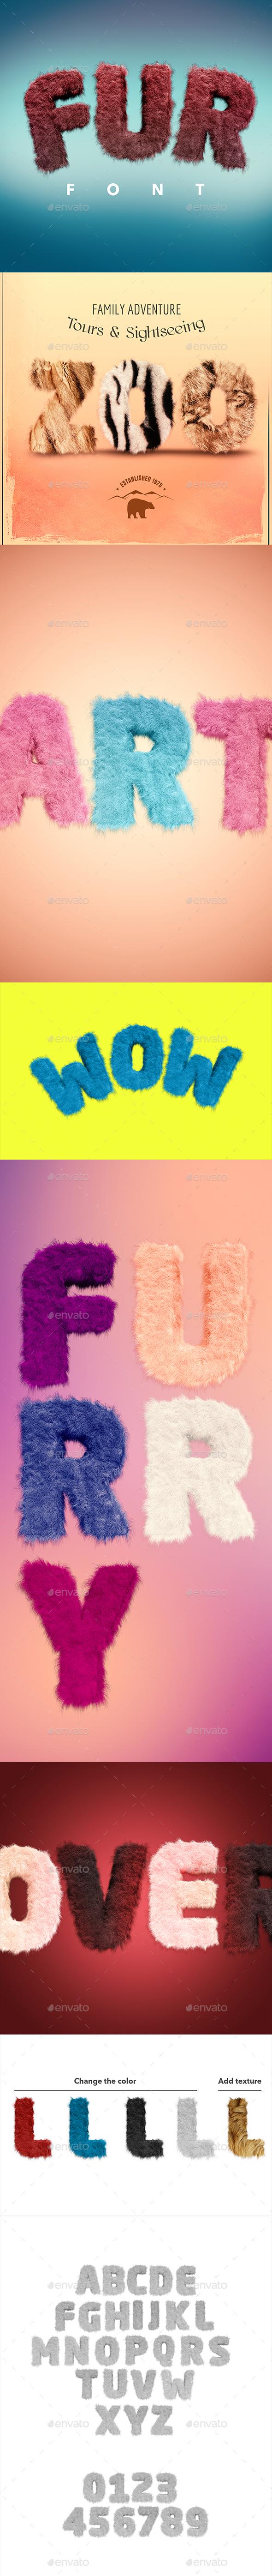 Fur Font - Text 3D Renders